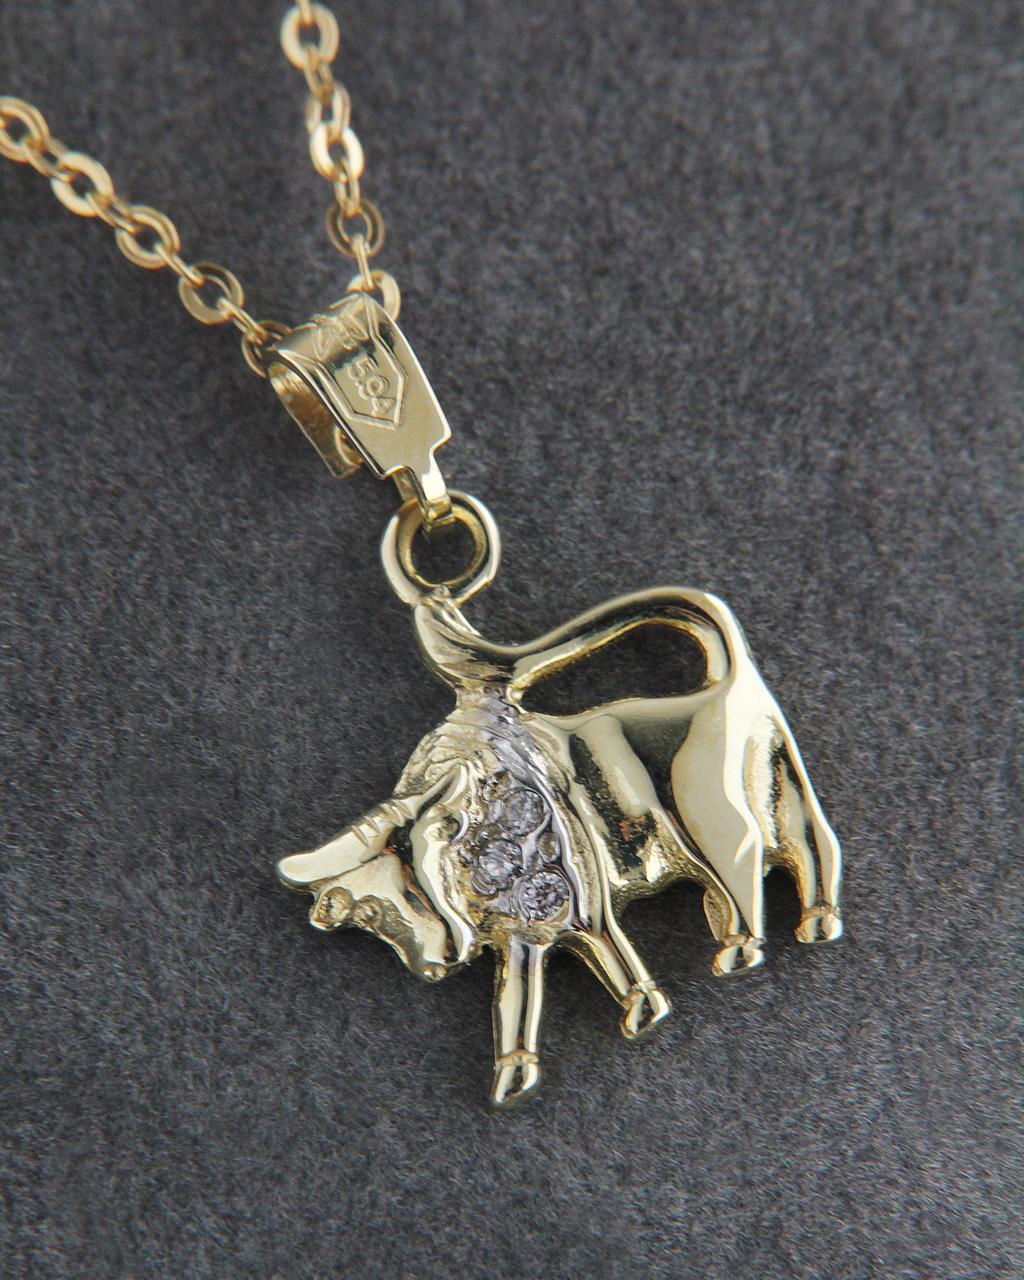 Ζώδιο χρυσό Κ14 Ταύρος με Ζιργκόν   κοσμηματα κρεμαστά κολιέ κρεμαστά κολιέ ζώδια